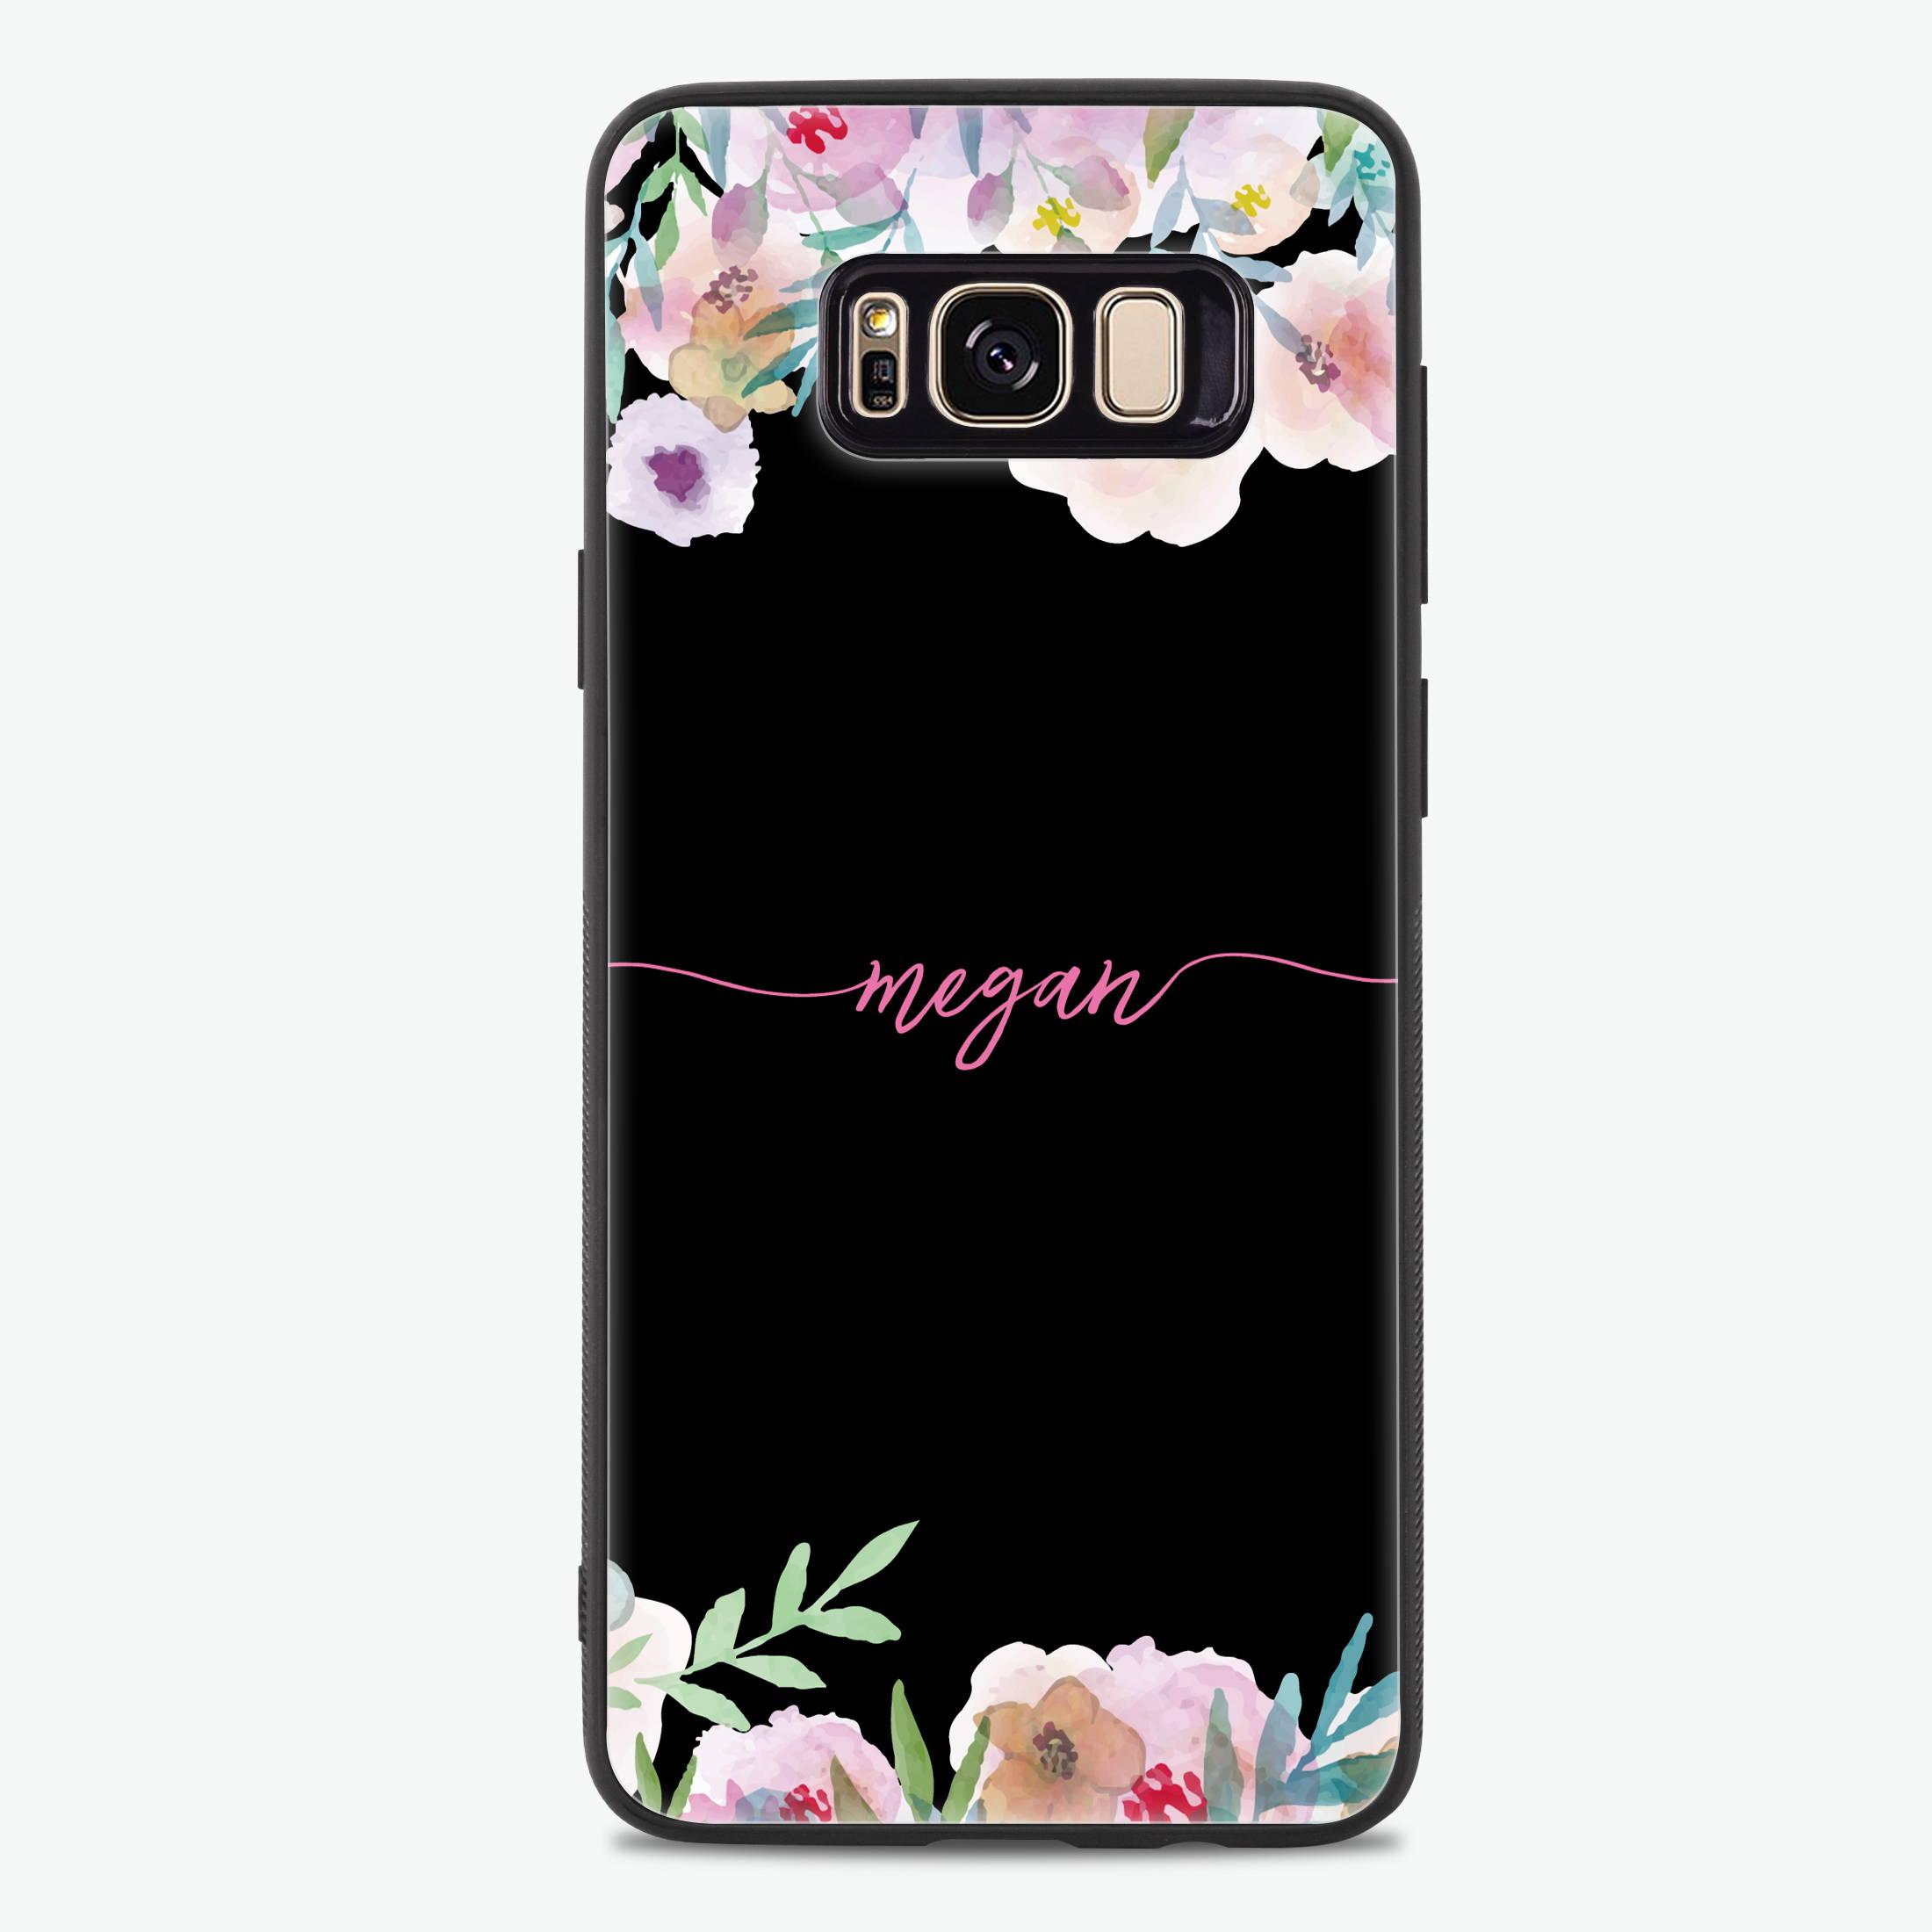 Custom Samsung S8 Plus Case – Hanogram